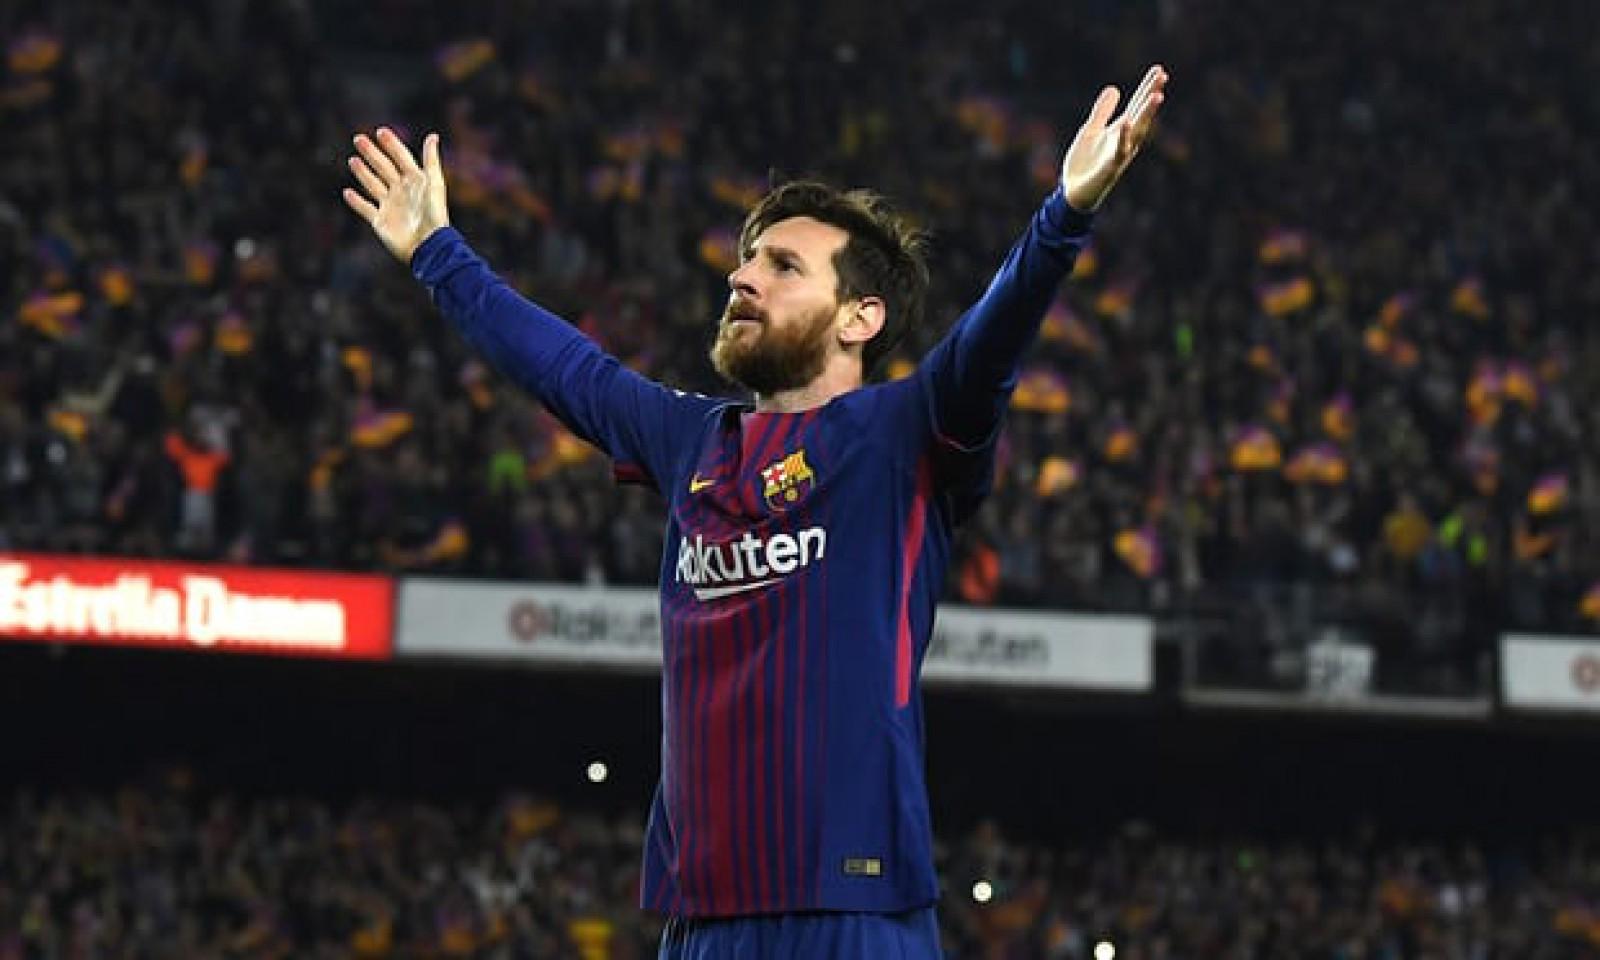 FC Barcelona 2-2 Real Madrid: Catalanii rămân neînvinși în campionatul Spaniei